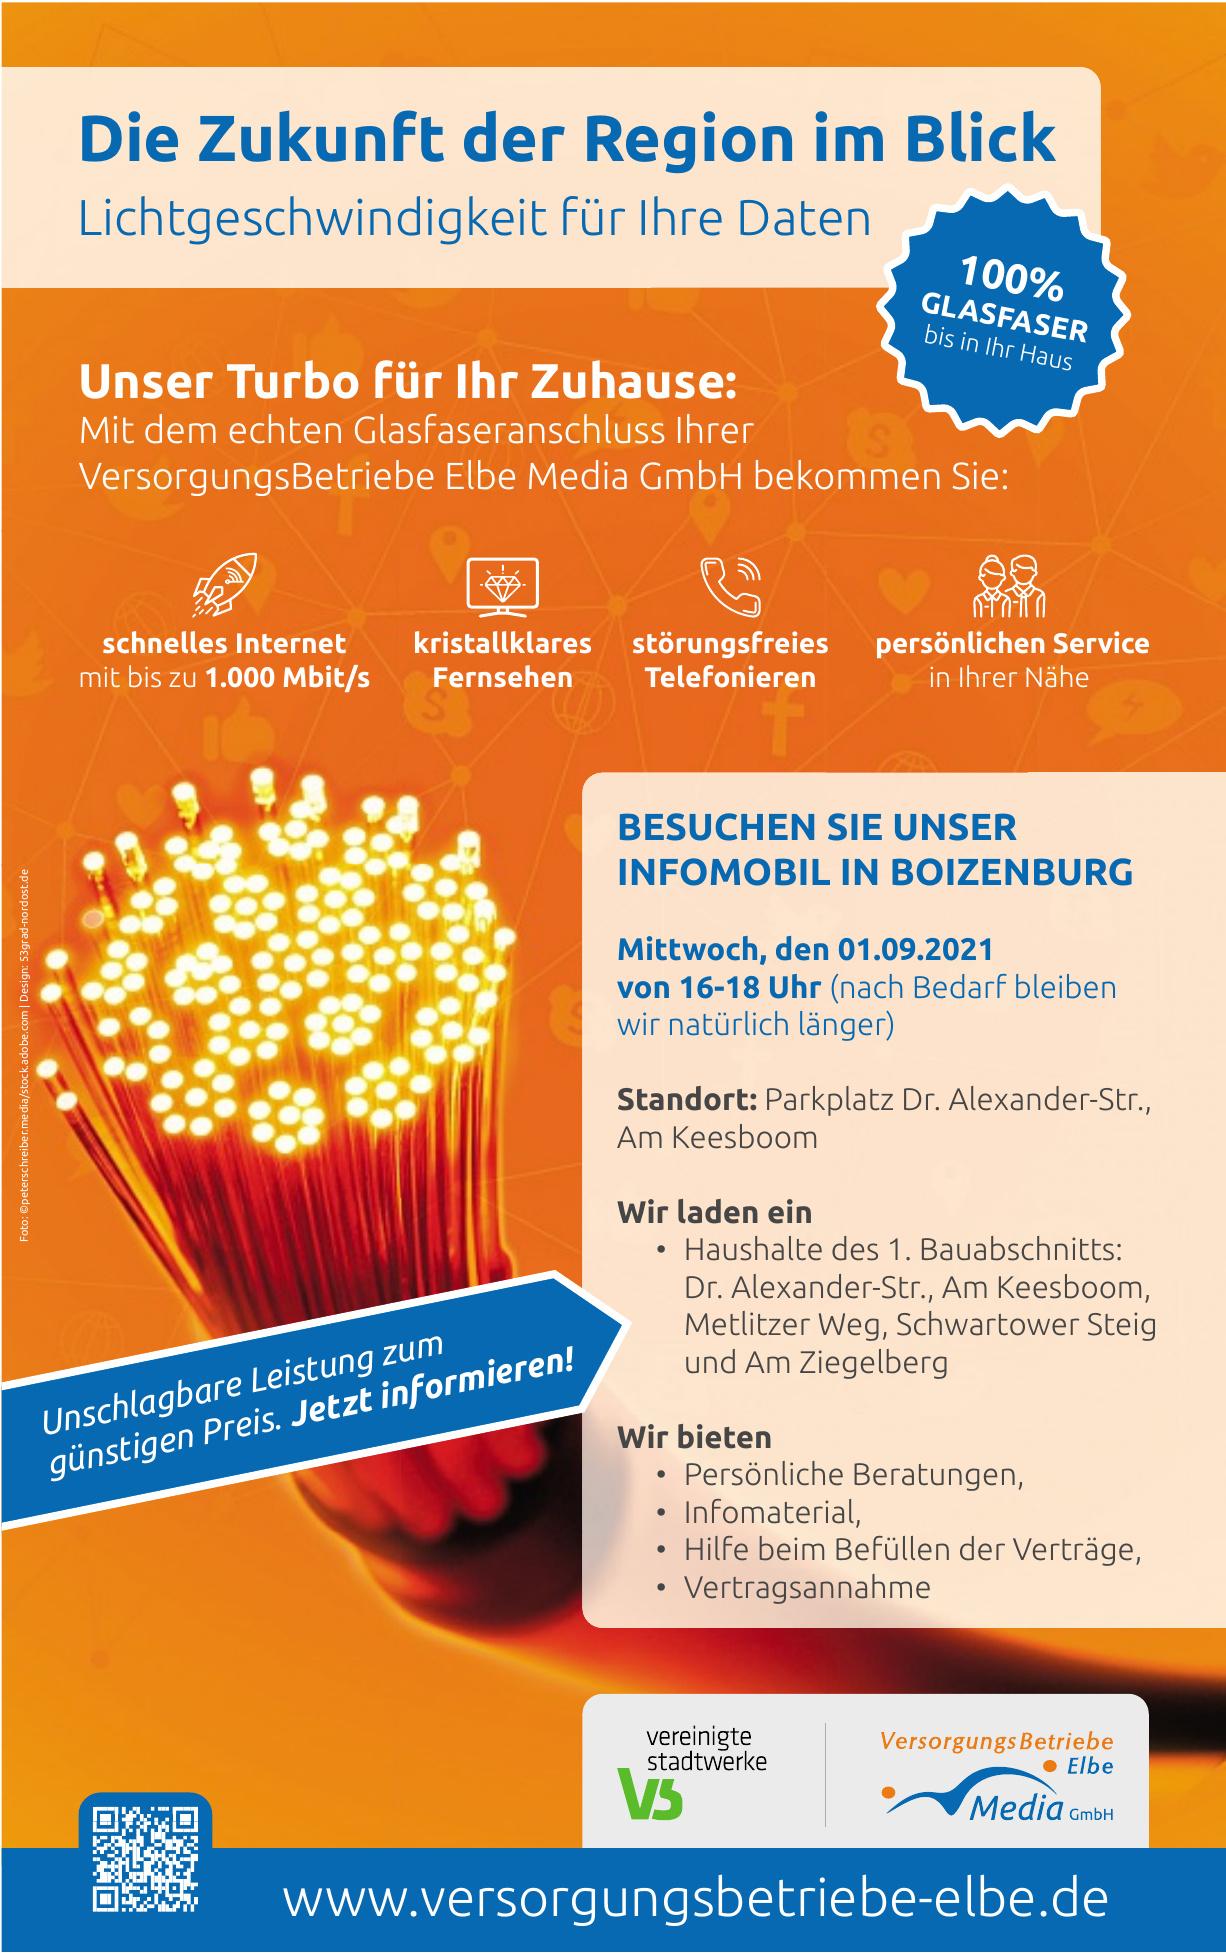 VersorgungsBetriebe Elbe Media GmbH